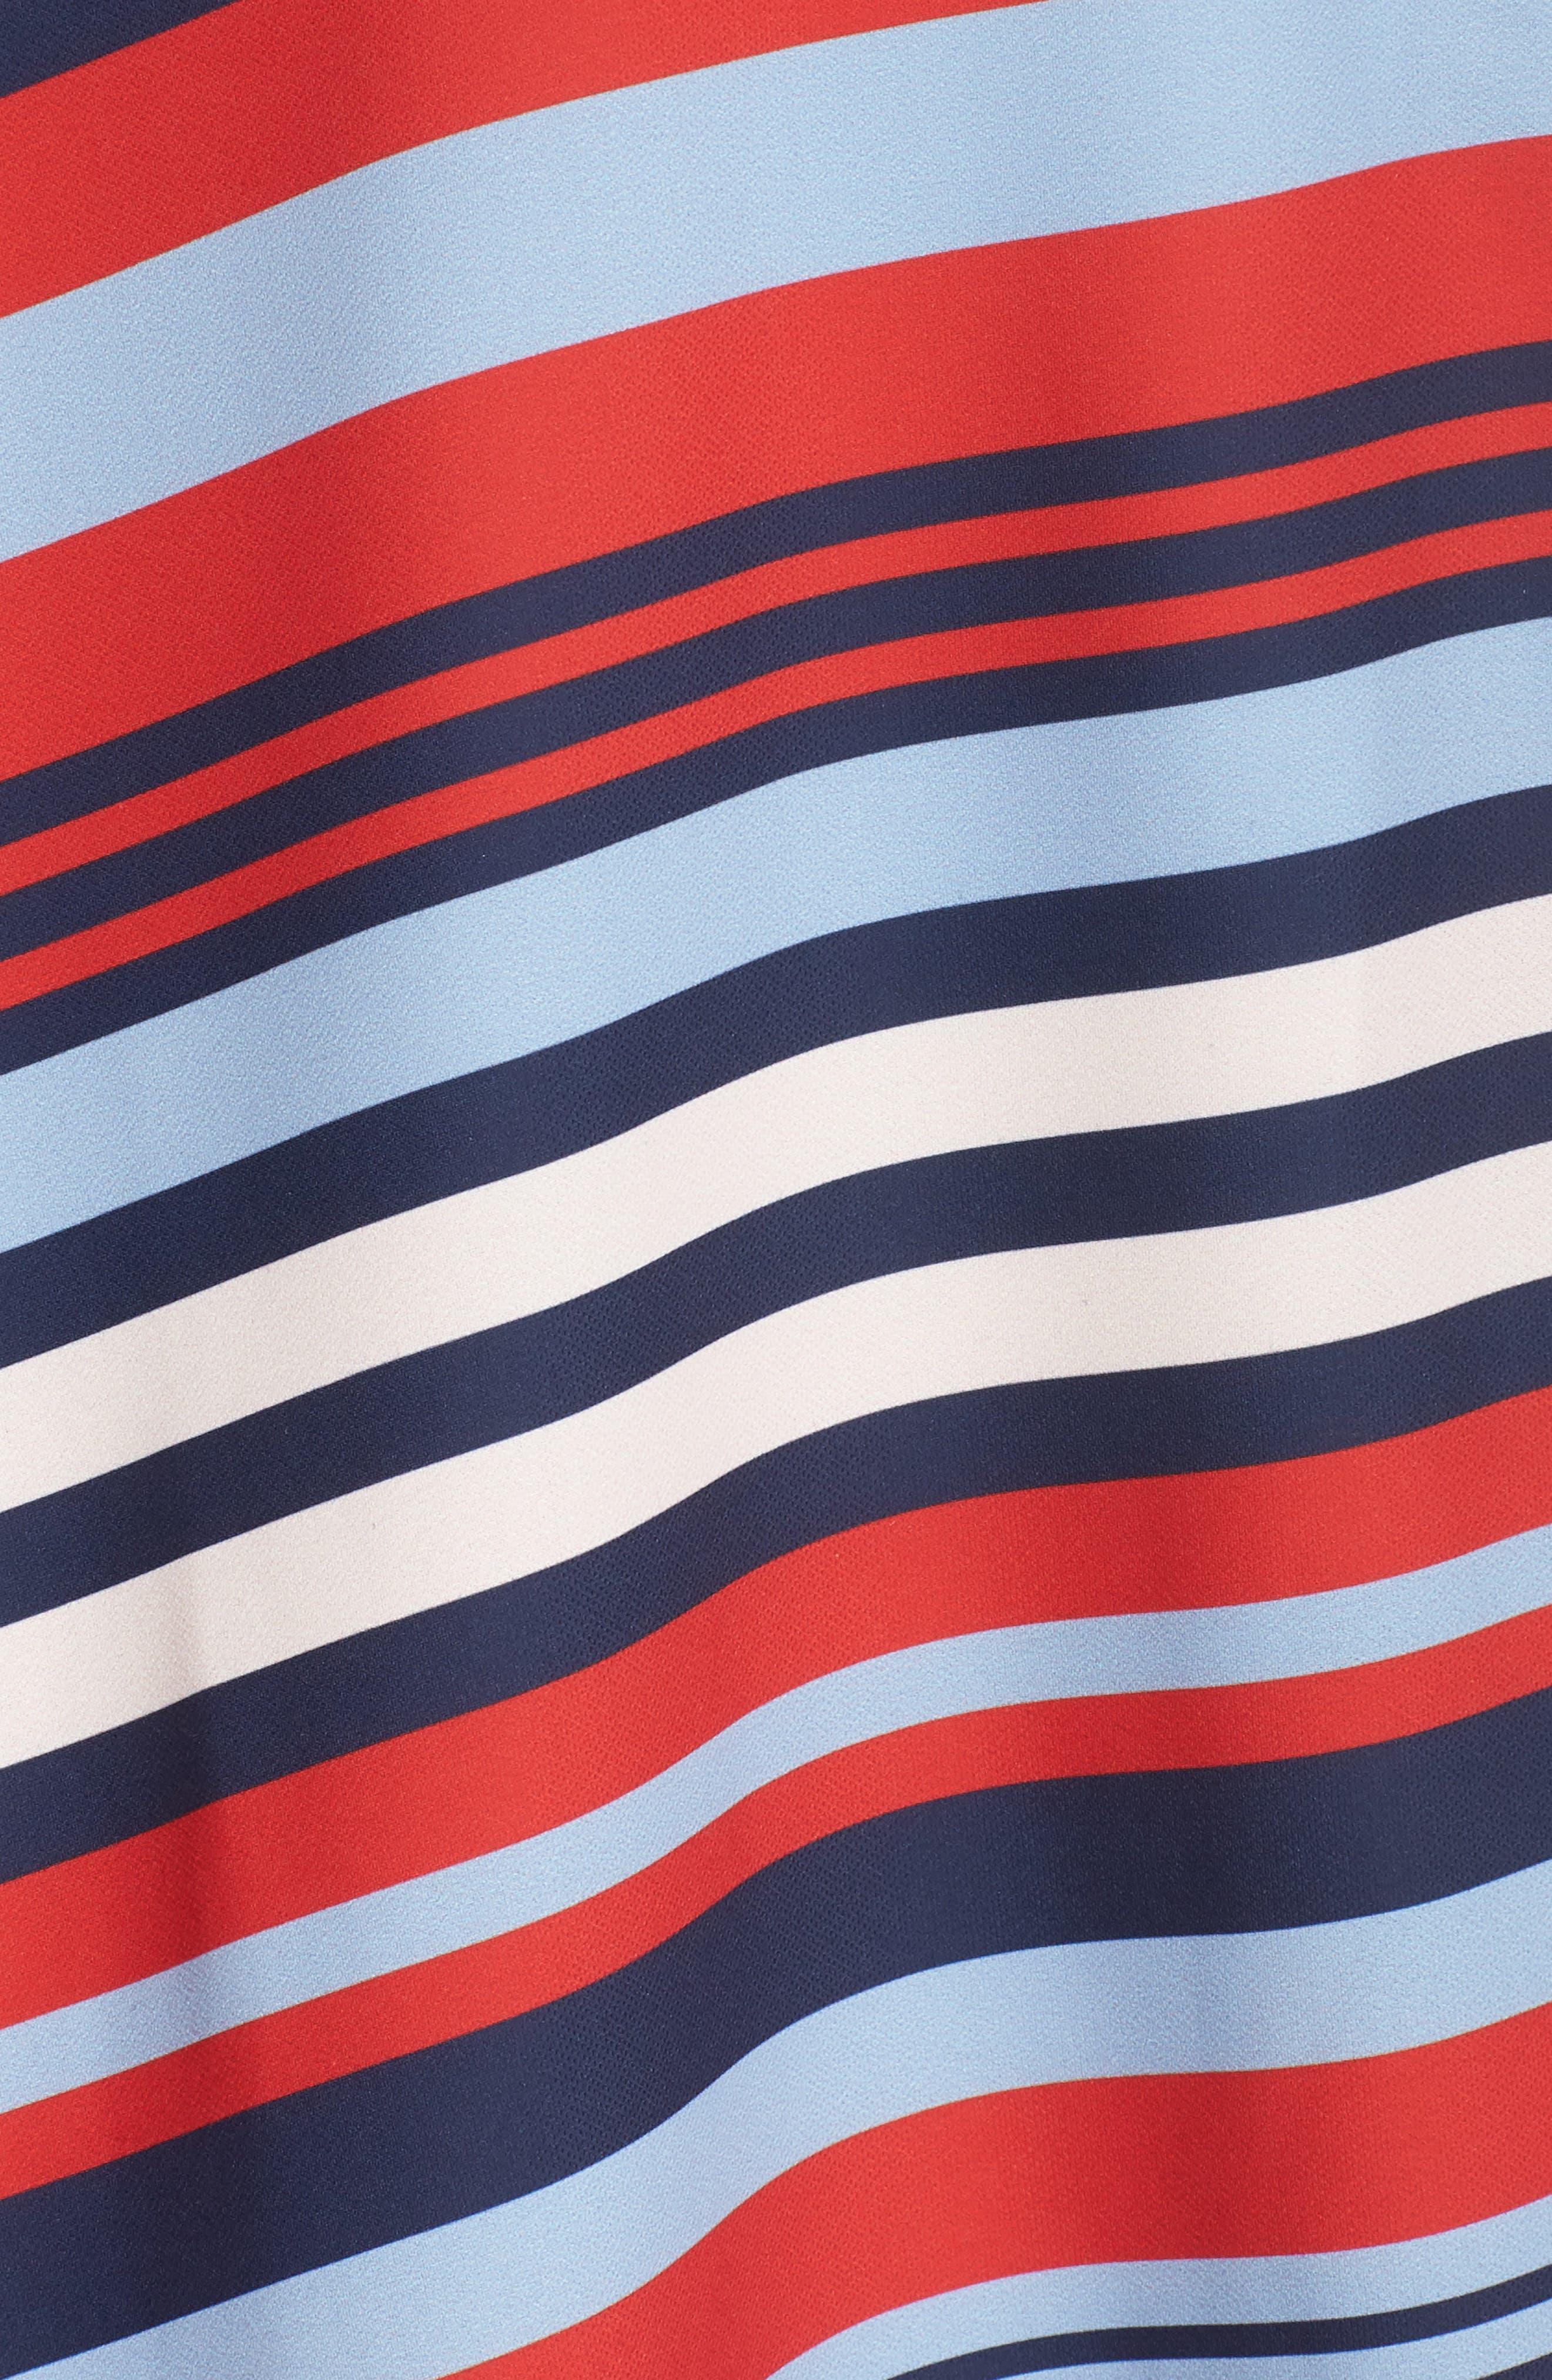 Milan Stripe Wrap Dress,                             Alternate thumbnail 6, color,                             648